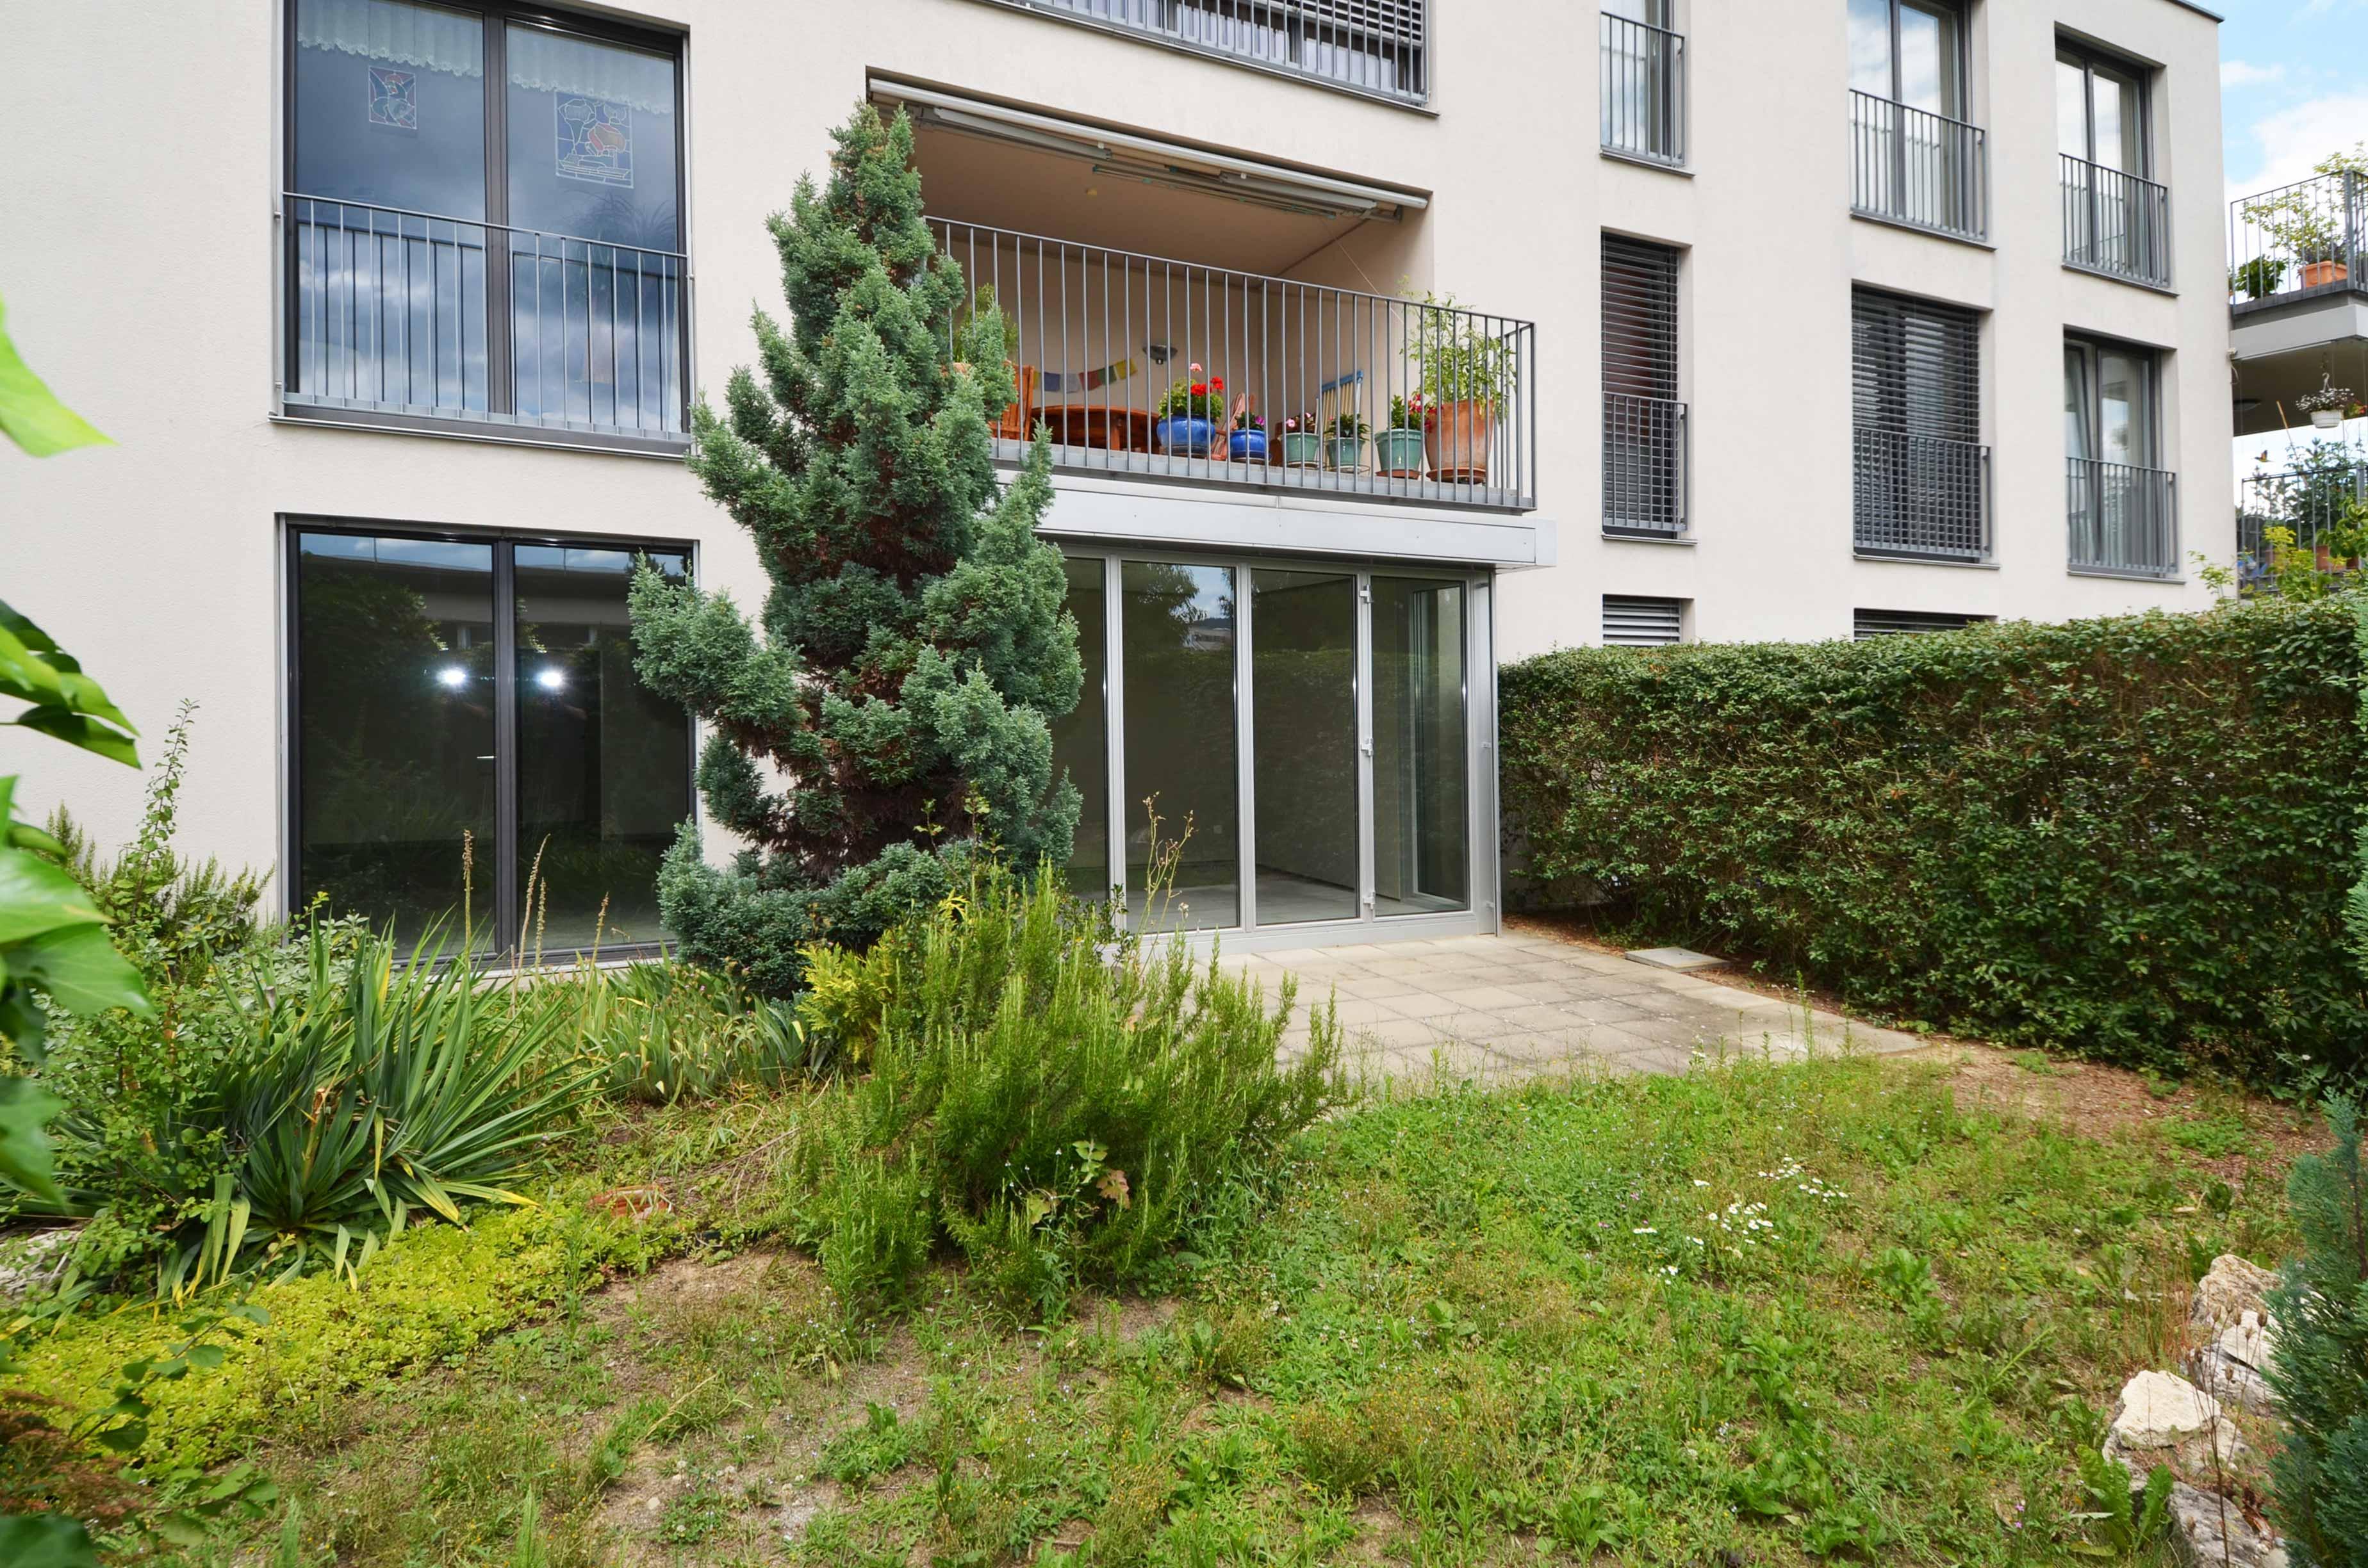 3 5 zi eigentumswohnung mit wintergarten und eigenem garten in 4153 reinach proimmobilia. Black Bedroom Furniture Sets. Home Design Ideas